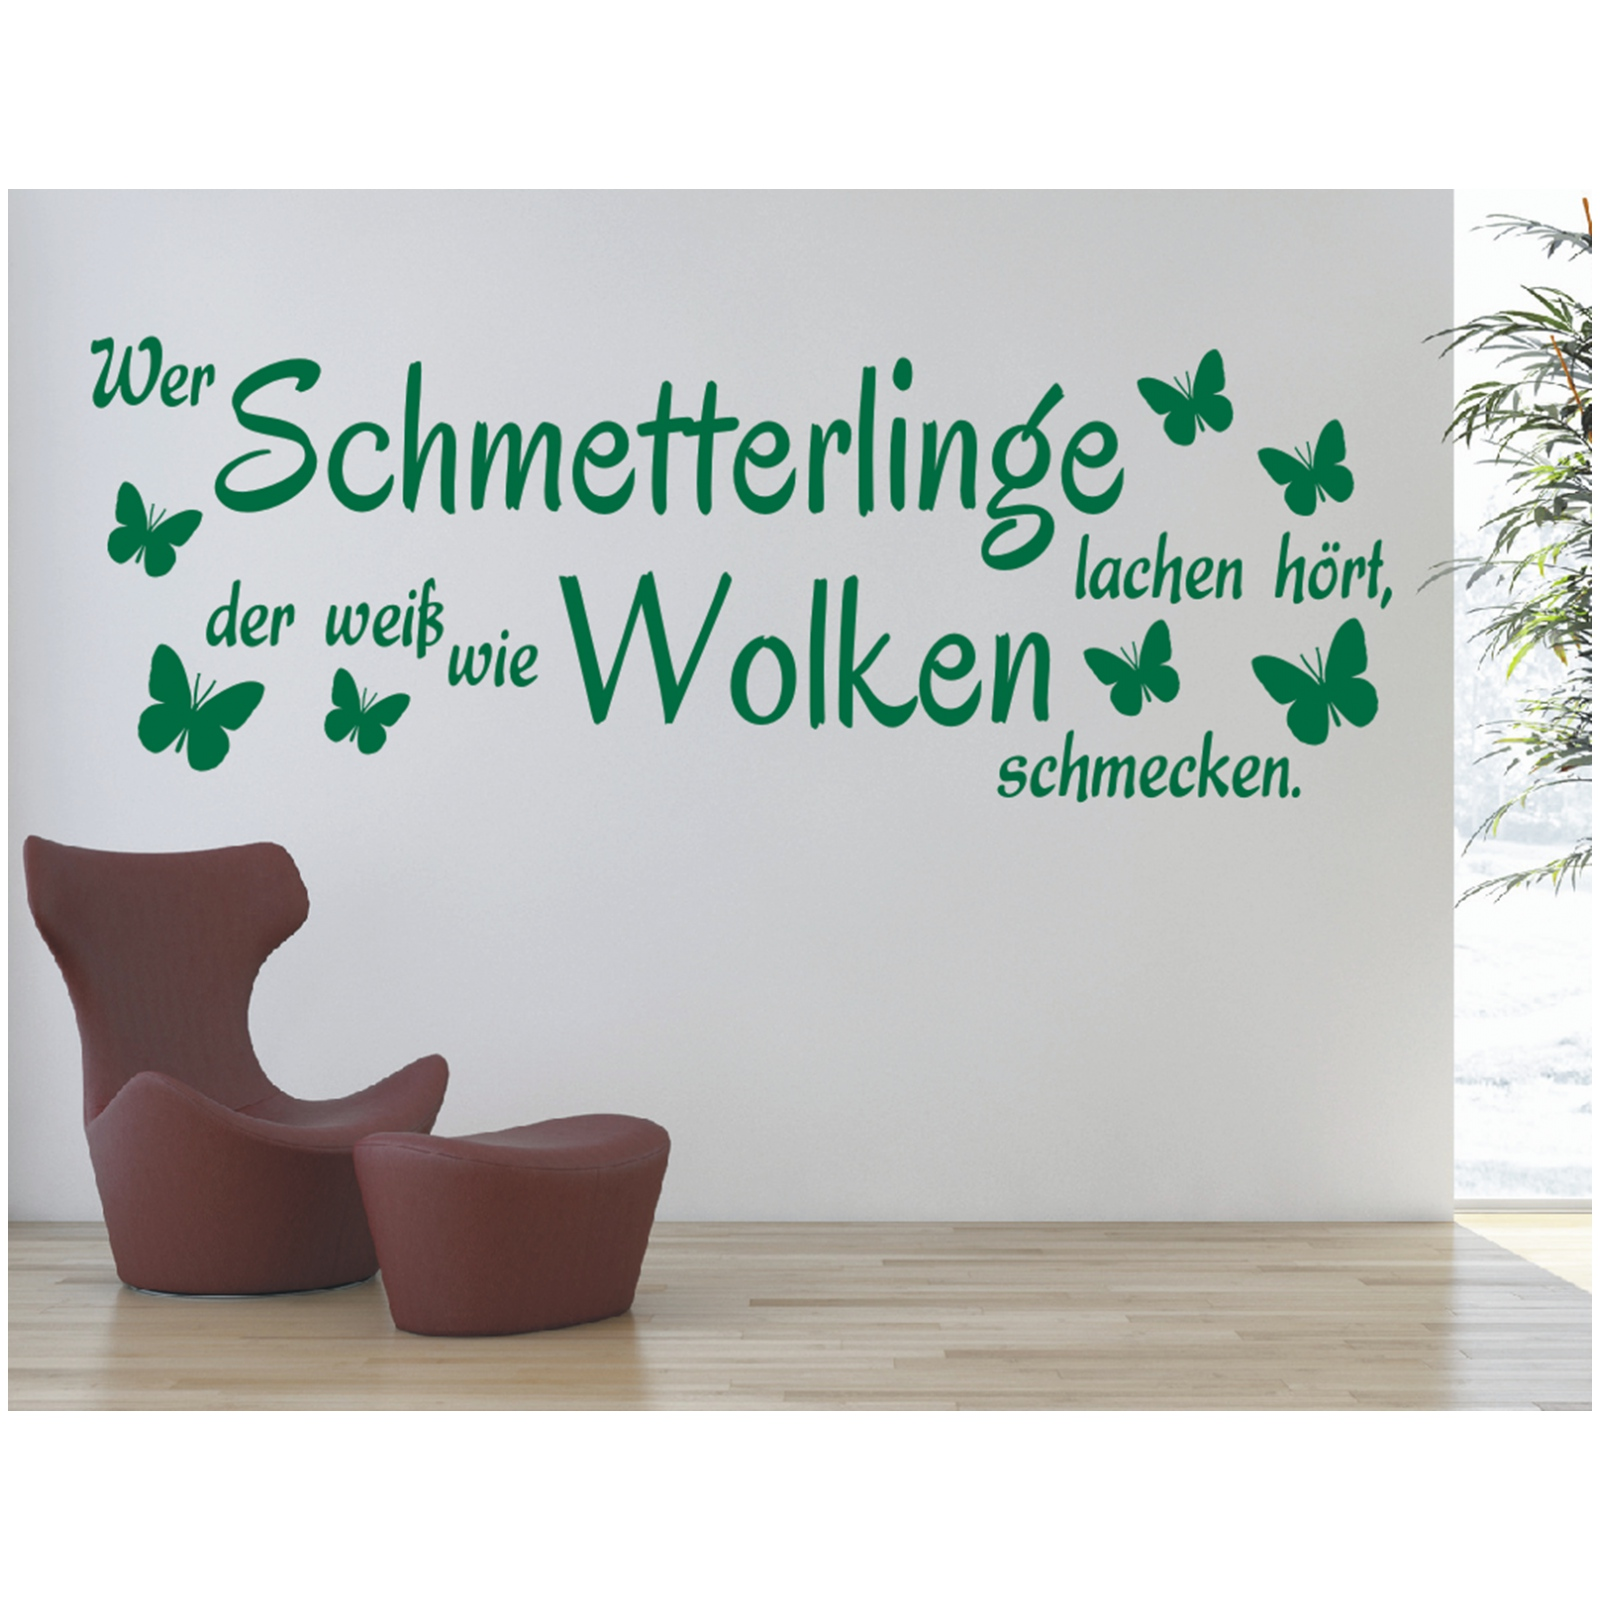 X932 Wandtattoo Spruch Wer Schmetterlinge Lachen Hort Wandsticker Wandaufkleber Ebay